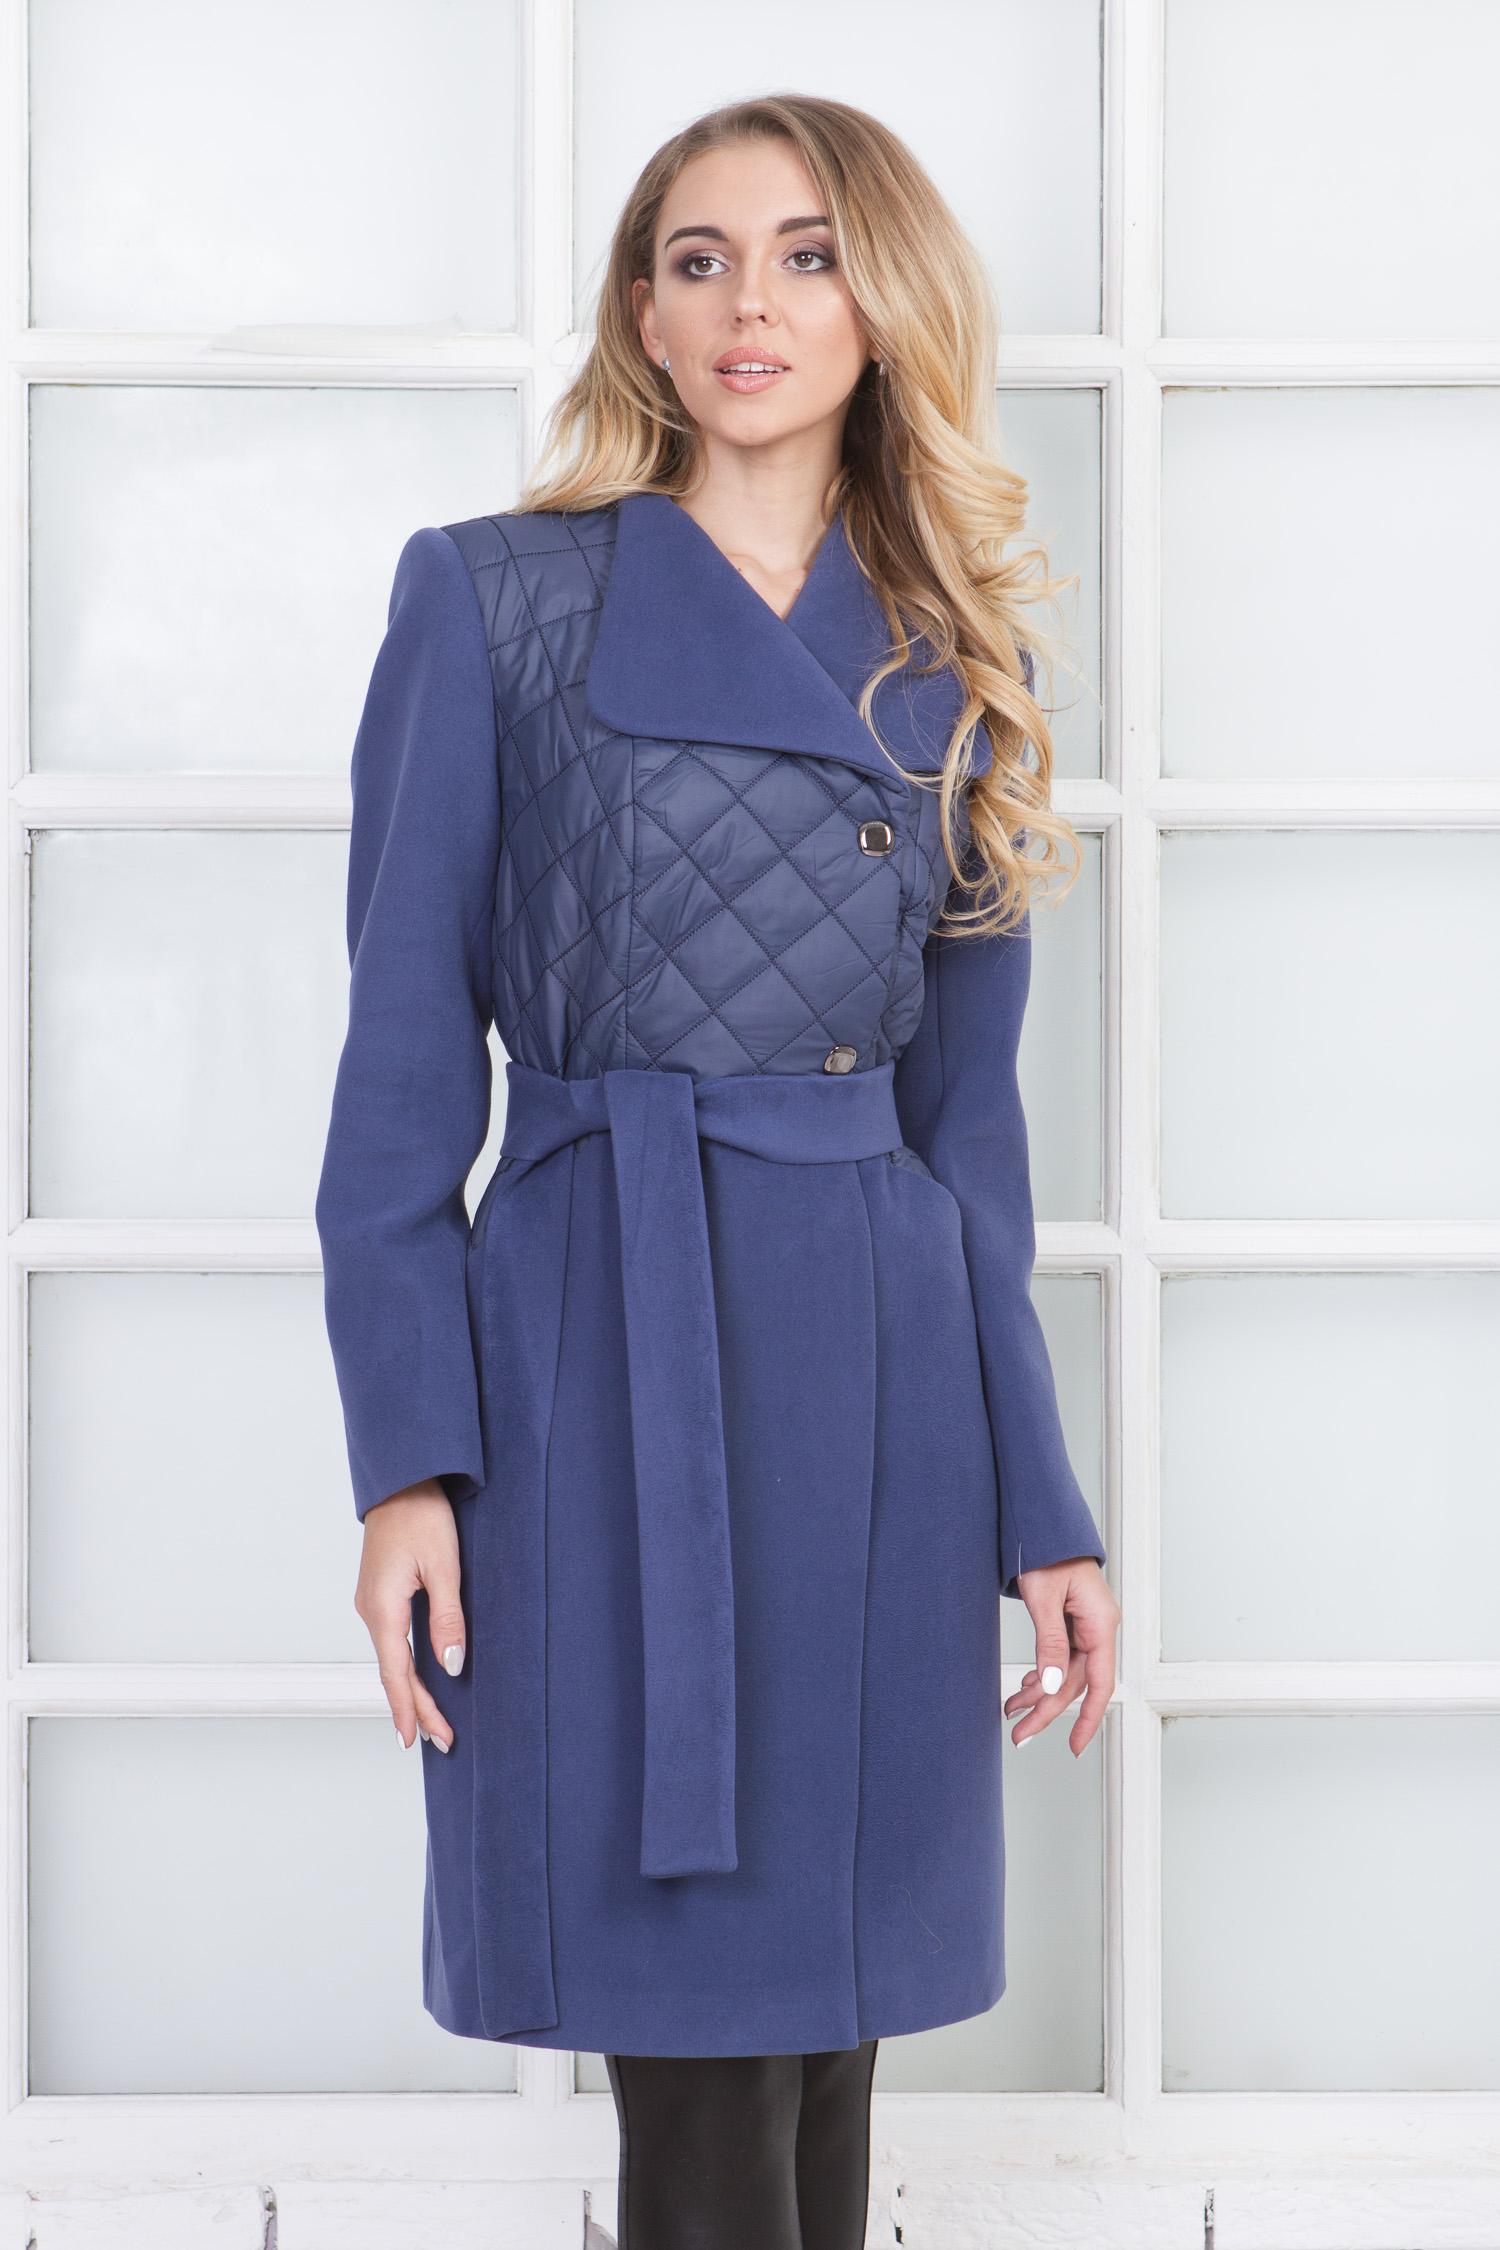 Фото 4 - Женское пальто из текстиля с воротником от МОСМЕХА сиреневого цвета